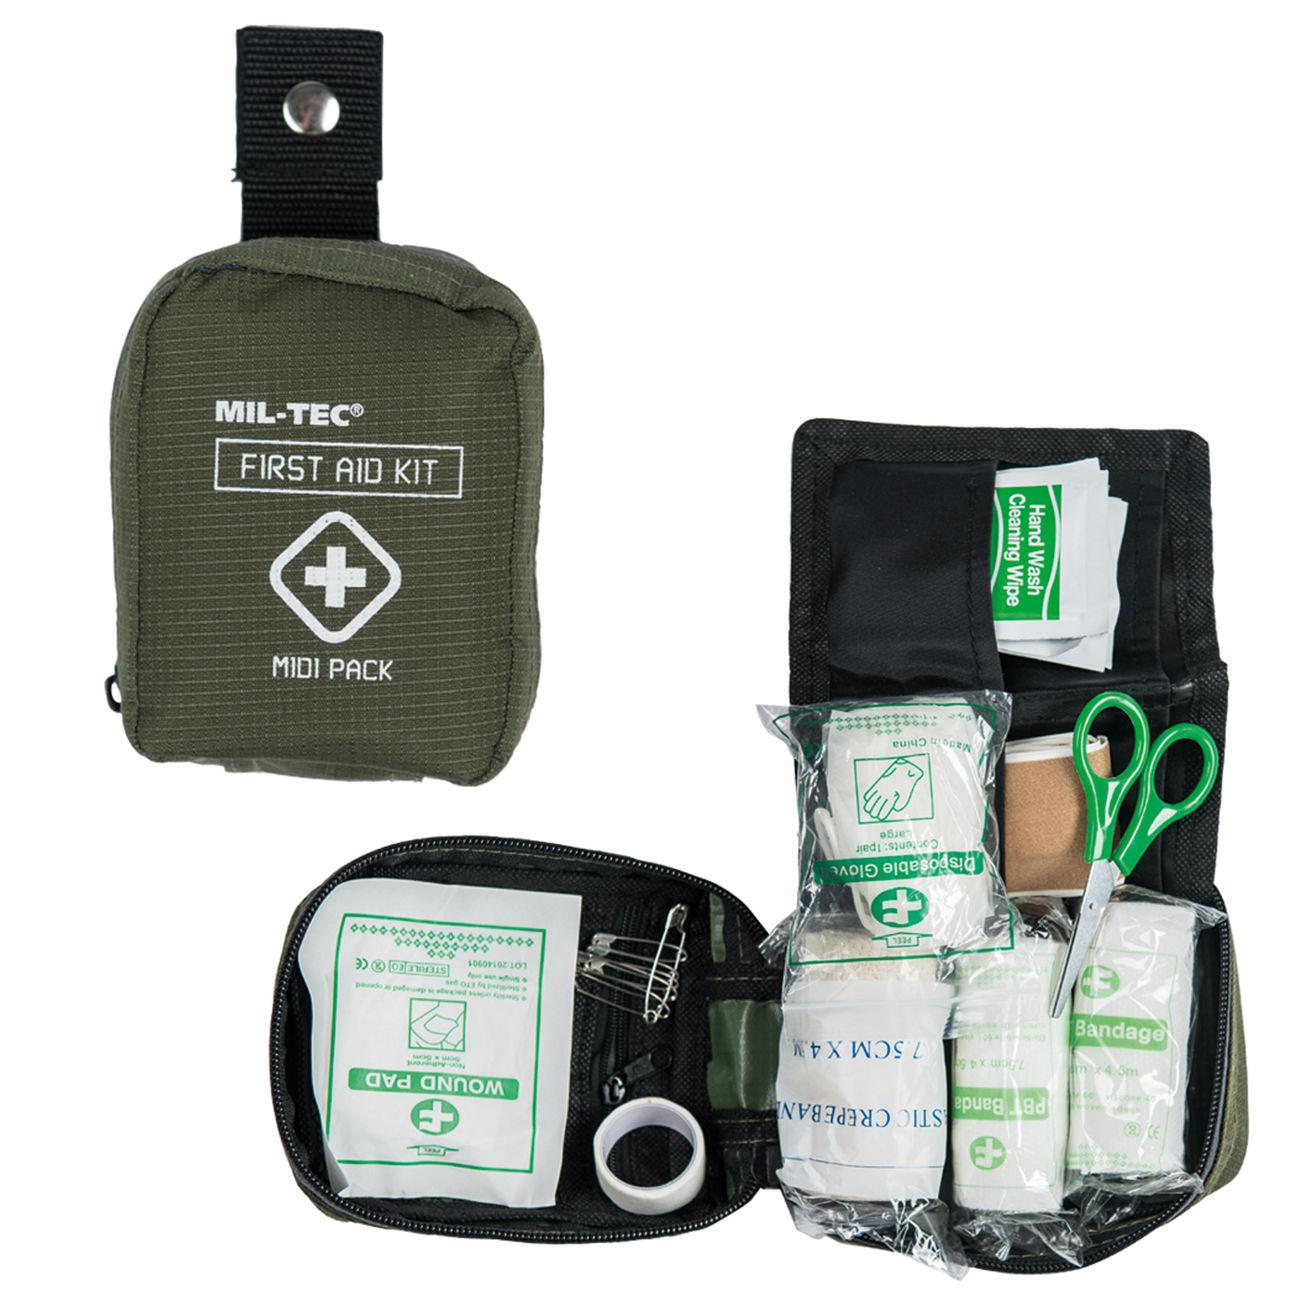 Verbandstasche Notfallset Miltec FIRST AID PACK MIDI OLIV Erste Hilfe Tasche